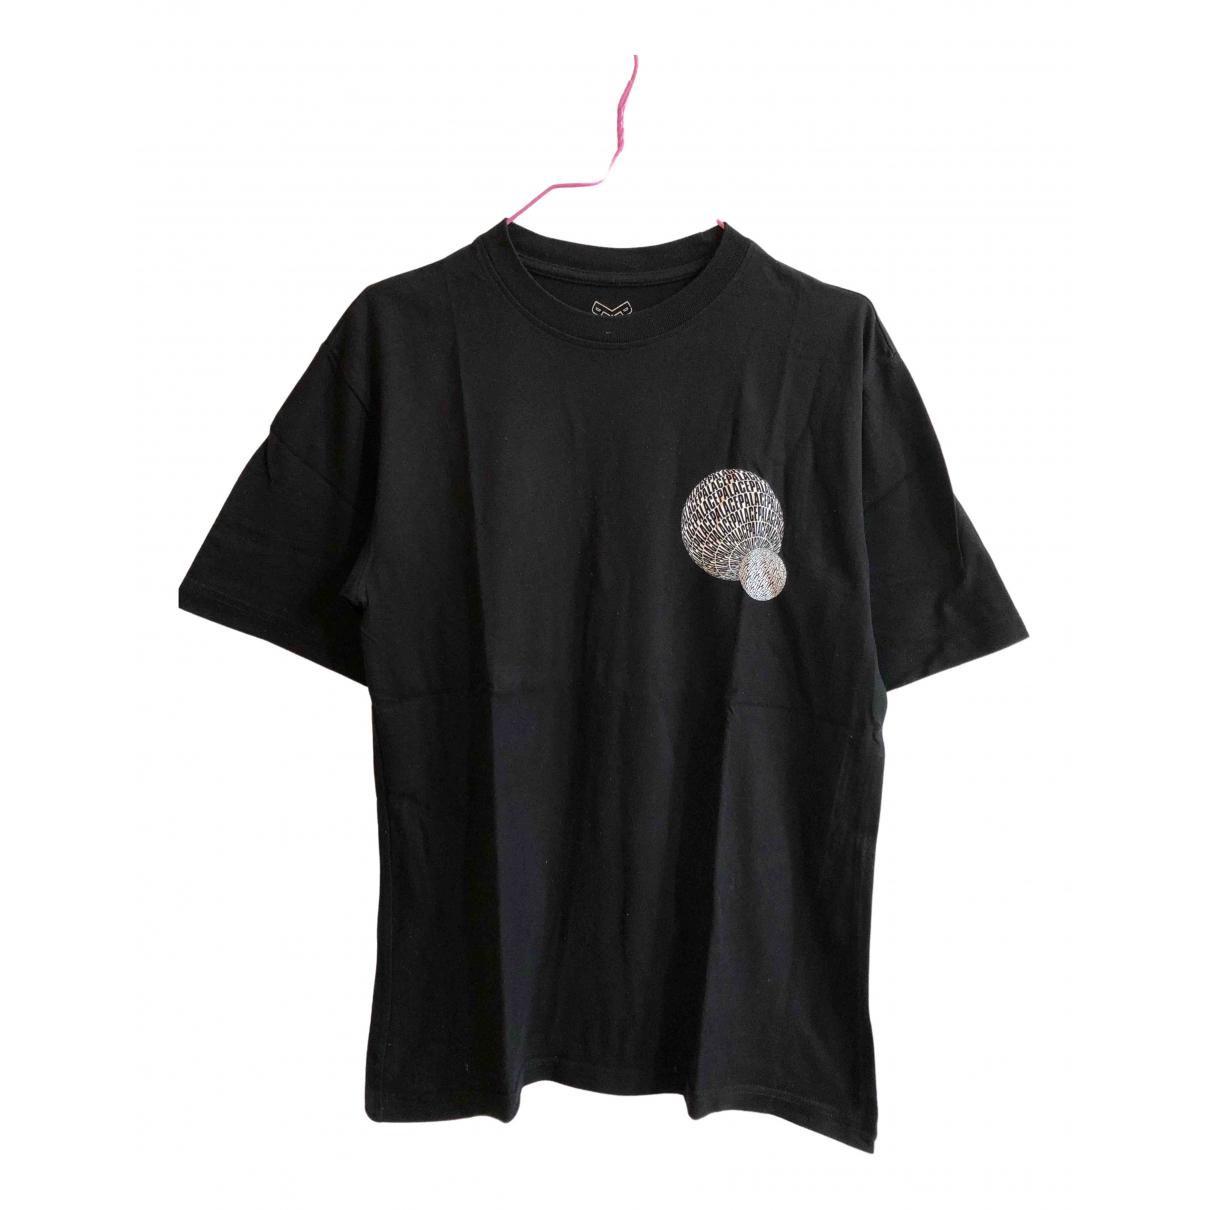 Palace - Tee shirts   pour homme en coton - noir